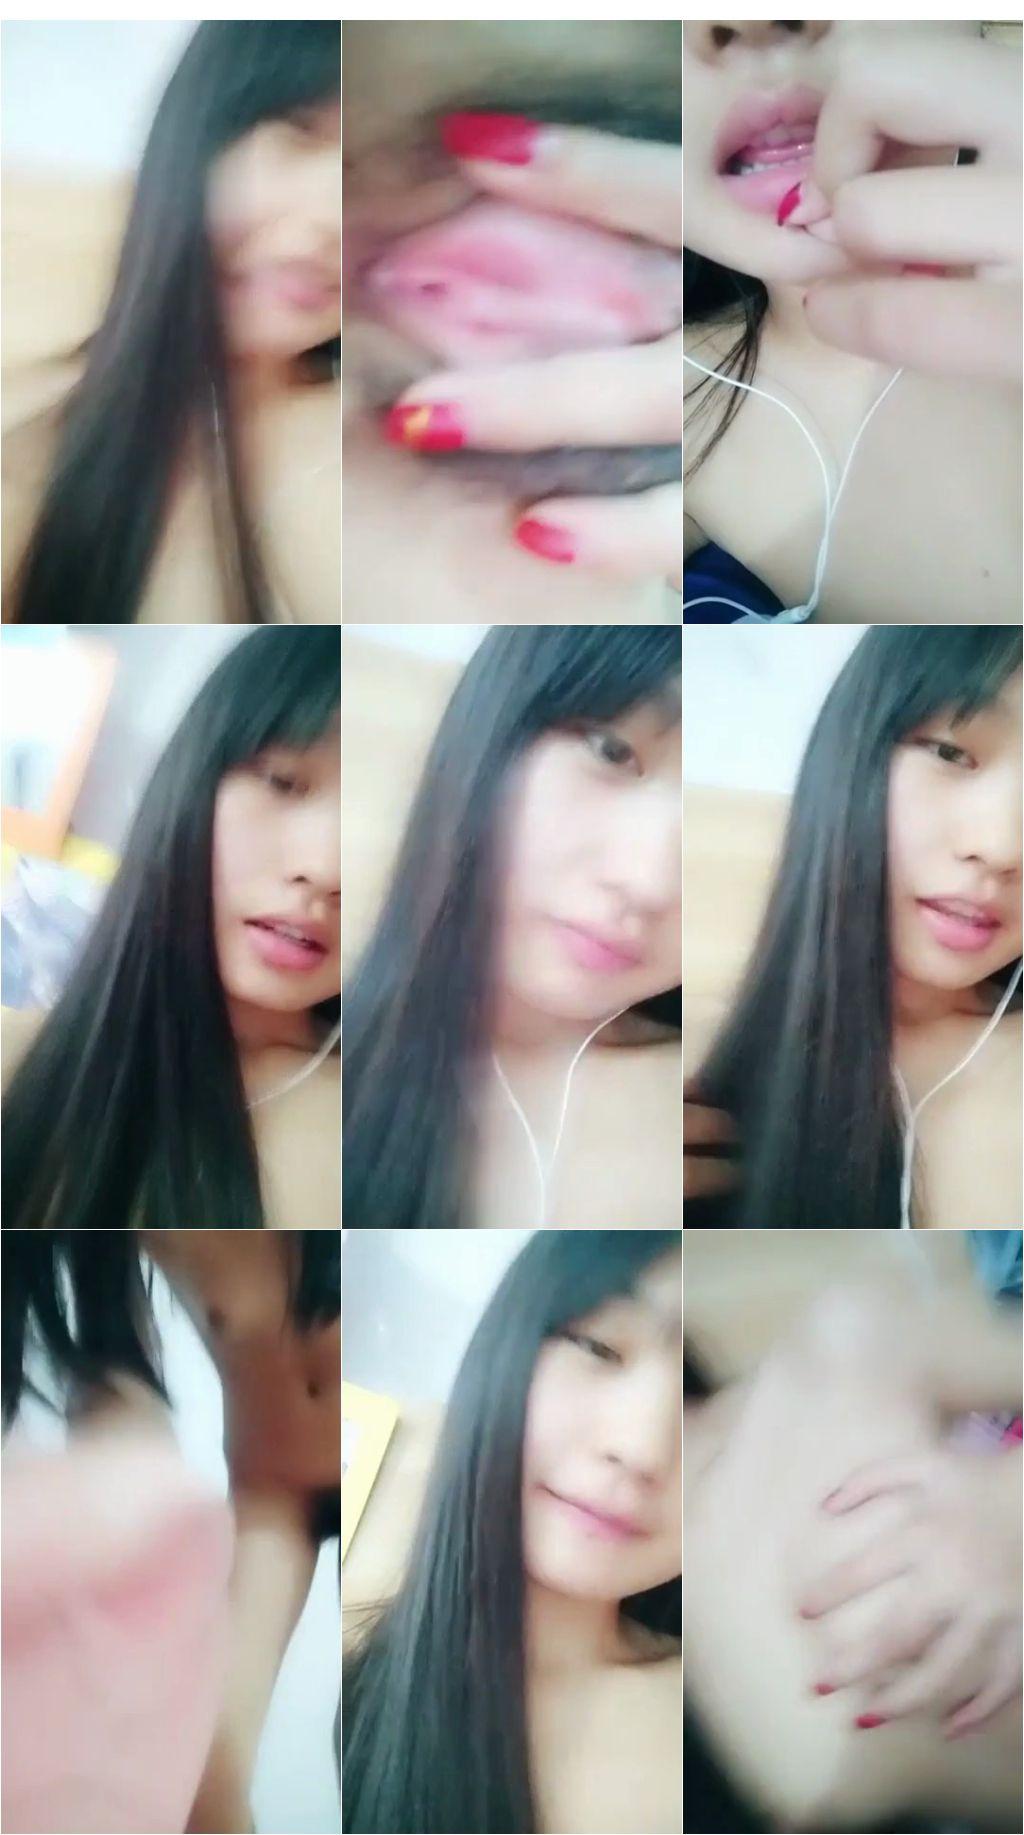 http://majav.org/Pic/gak430.1.jpeg